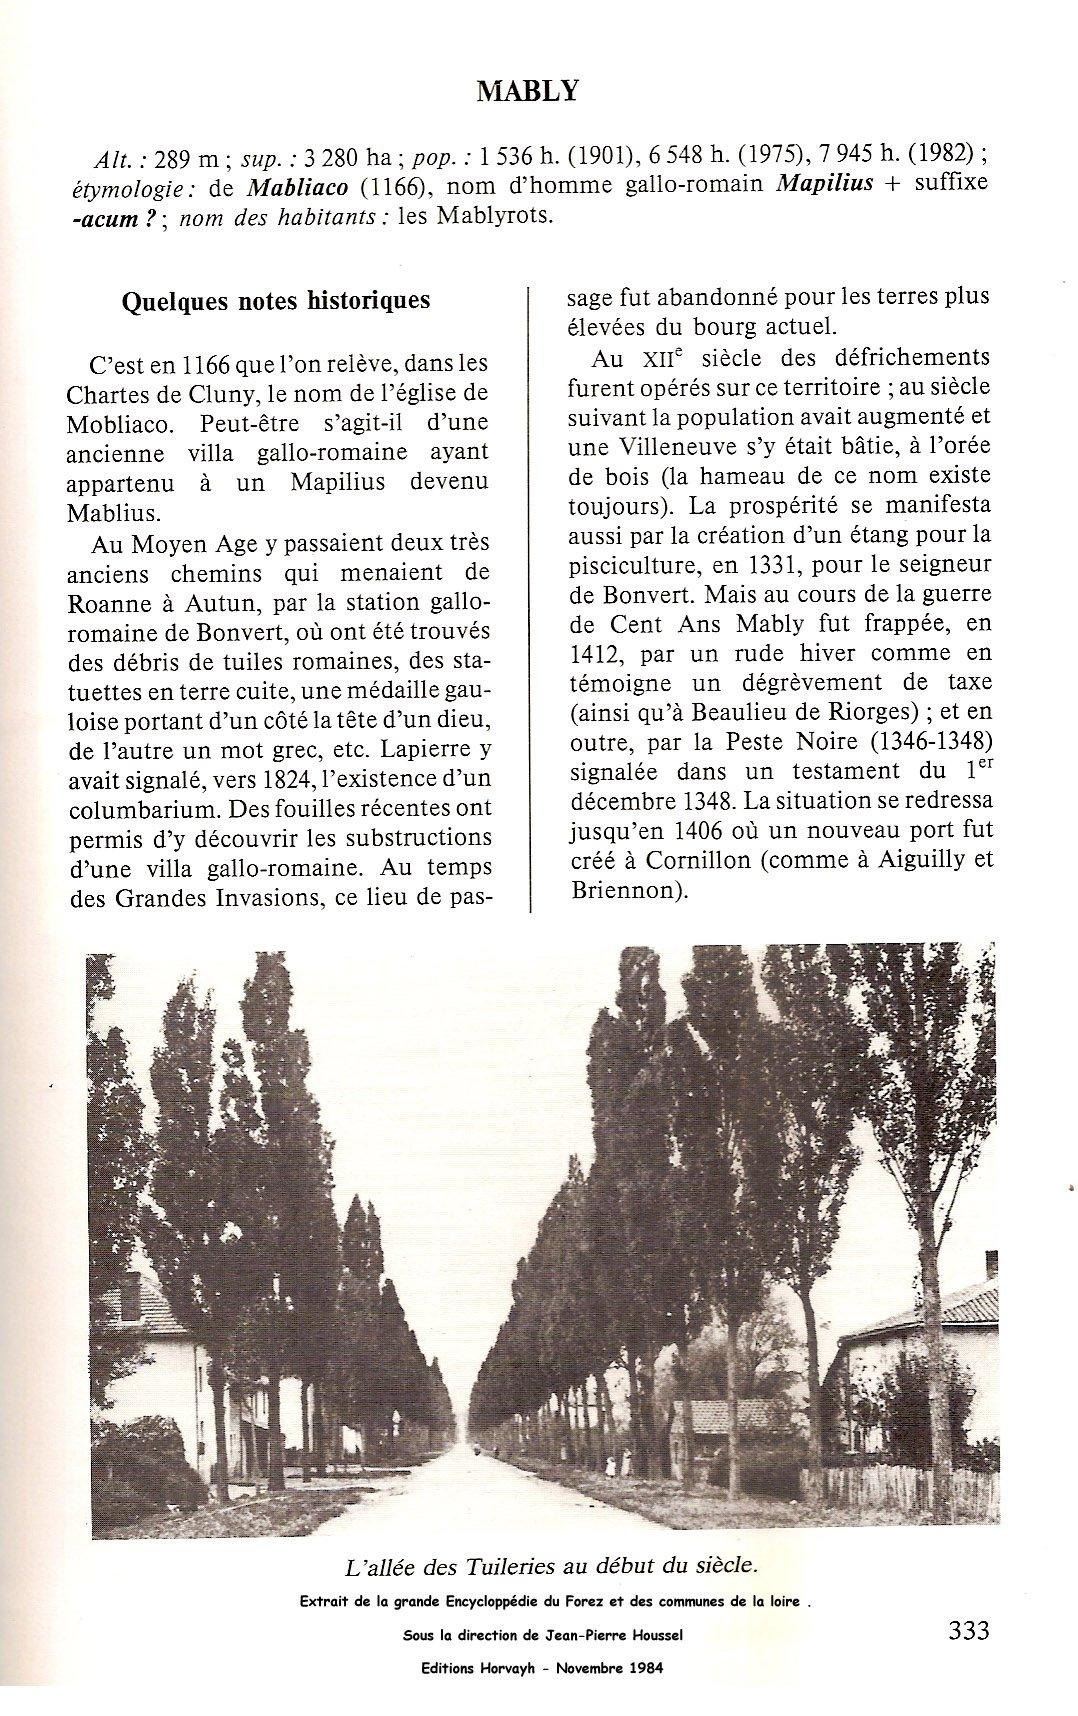 n7 début du siècle